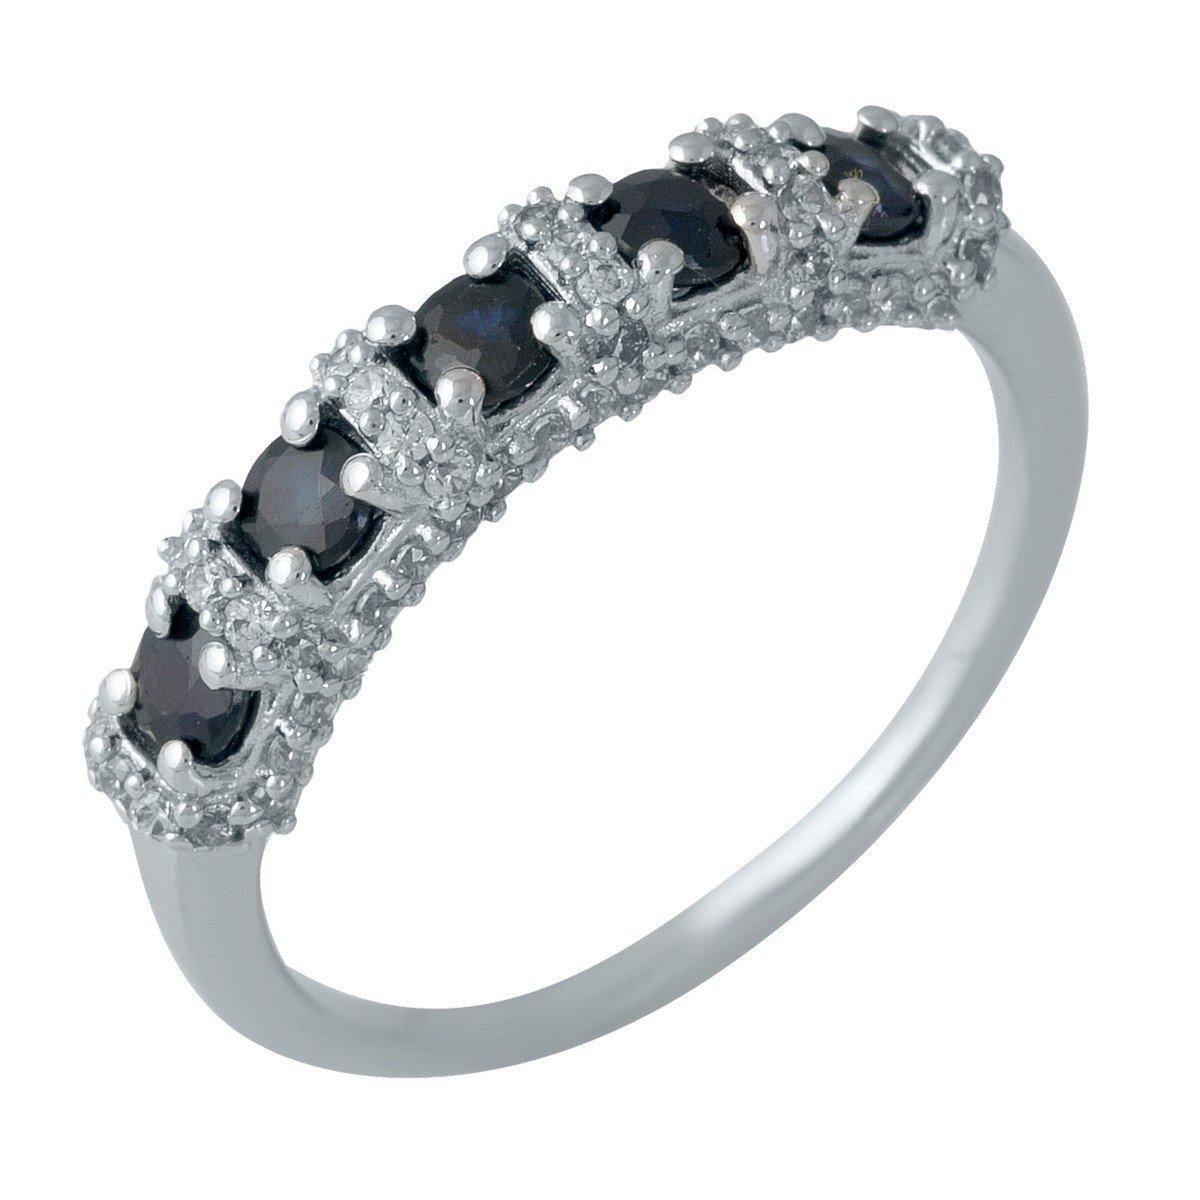 Серебряное кольцо DreamJewelry с натуральным сапфиром (1987629) 17 размер